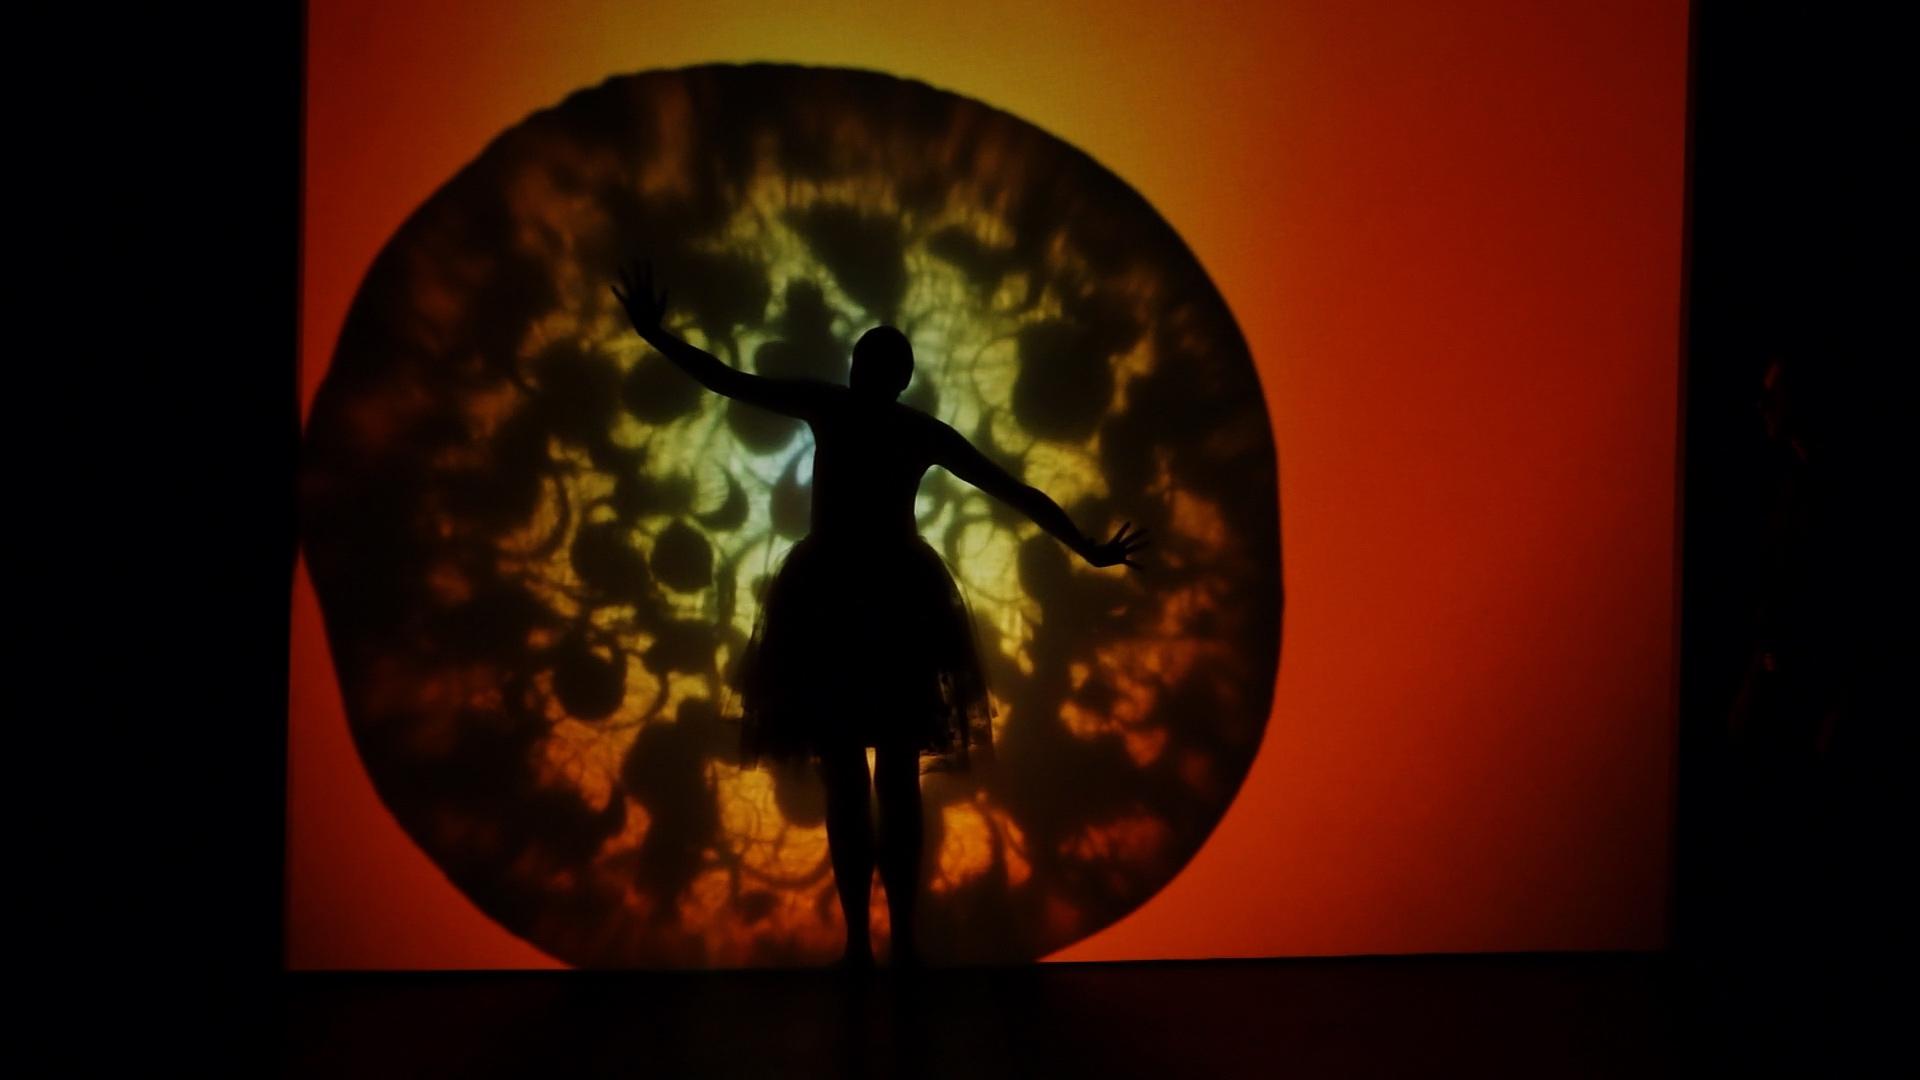 De l'ombre à la lumière Johanny Bert 11 - Blandine Armand - Documentaires